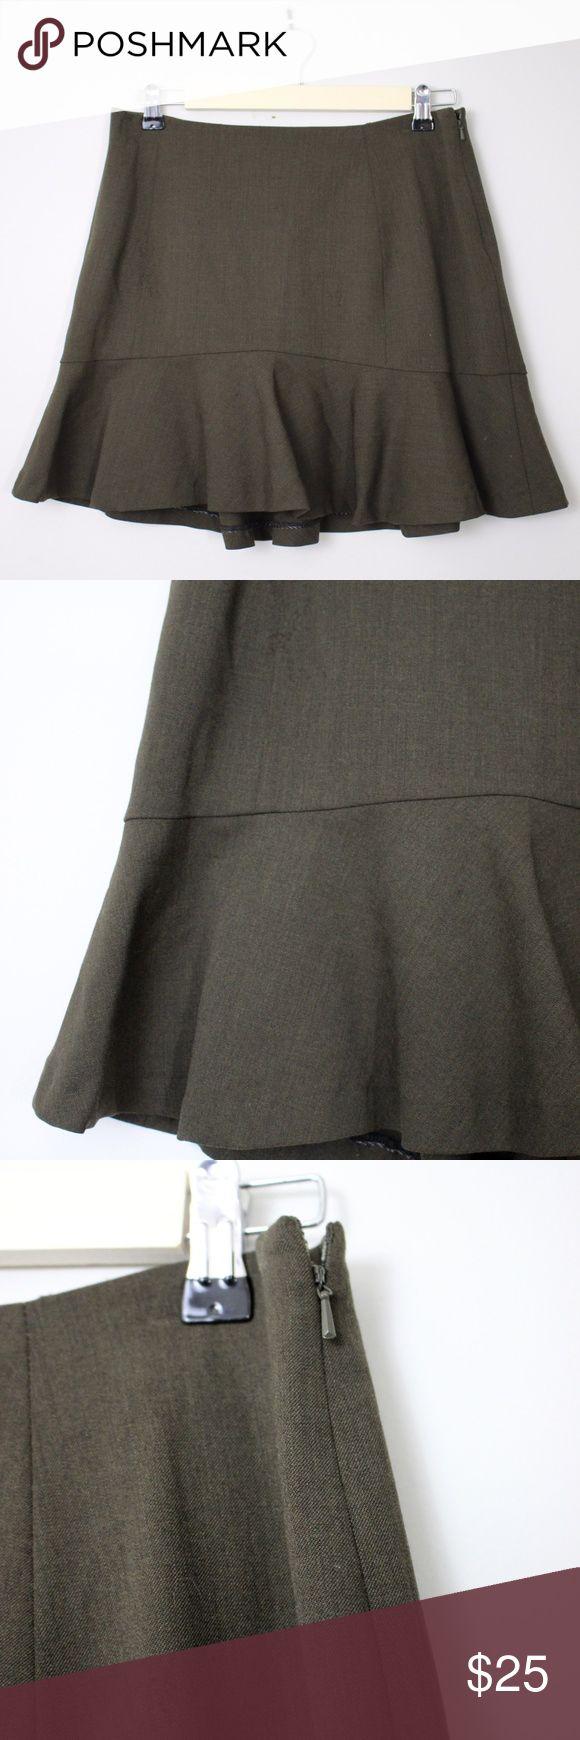 """Lauren Ralph Lauren Green A-Line Flounce Skirt Lauren Ralph Lauren Safari Olive Green A-Line Flounce Trumpet Hem Skirt.  Measurements (flat / un-stretched): Tagged Size: 12 Waist: 30"""" Hips: 42"""" Length (center back to hemline): 19½"""" Lauren Ralph Lauren Skirts"""